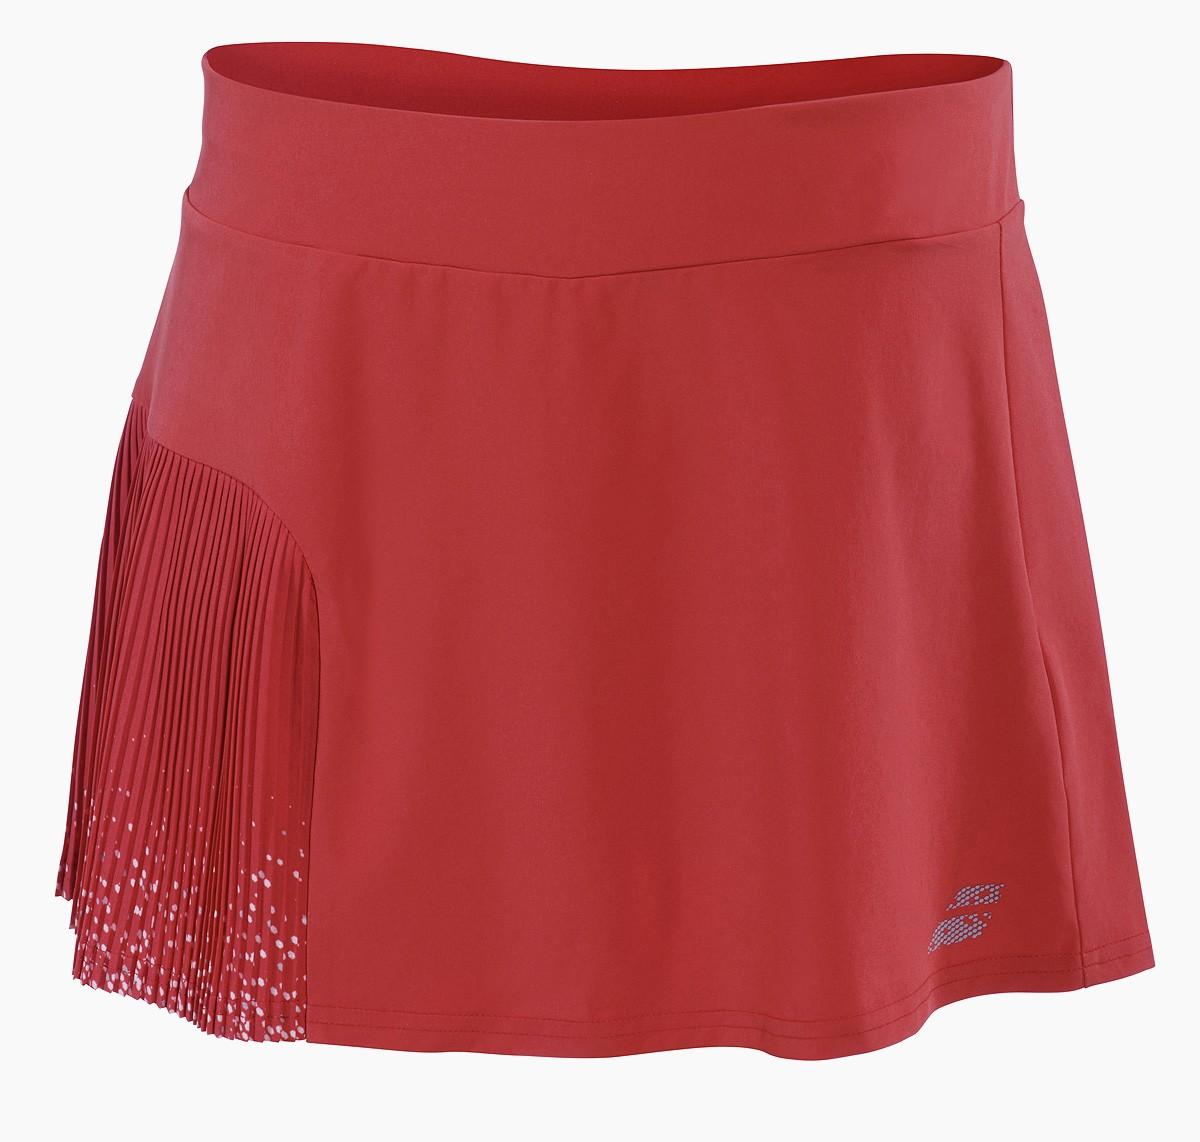 Spódniczka tenisowa dziewczęca Babolat PERF Skirt Hibiscus